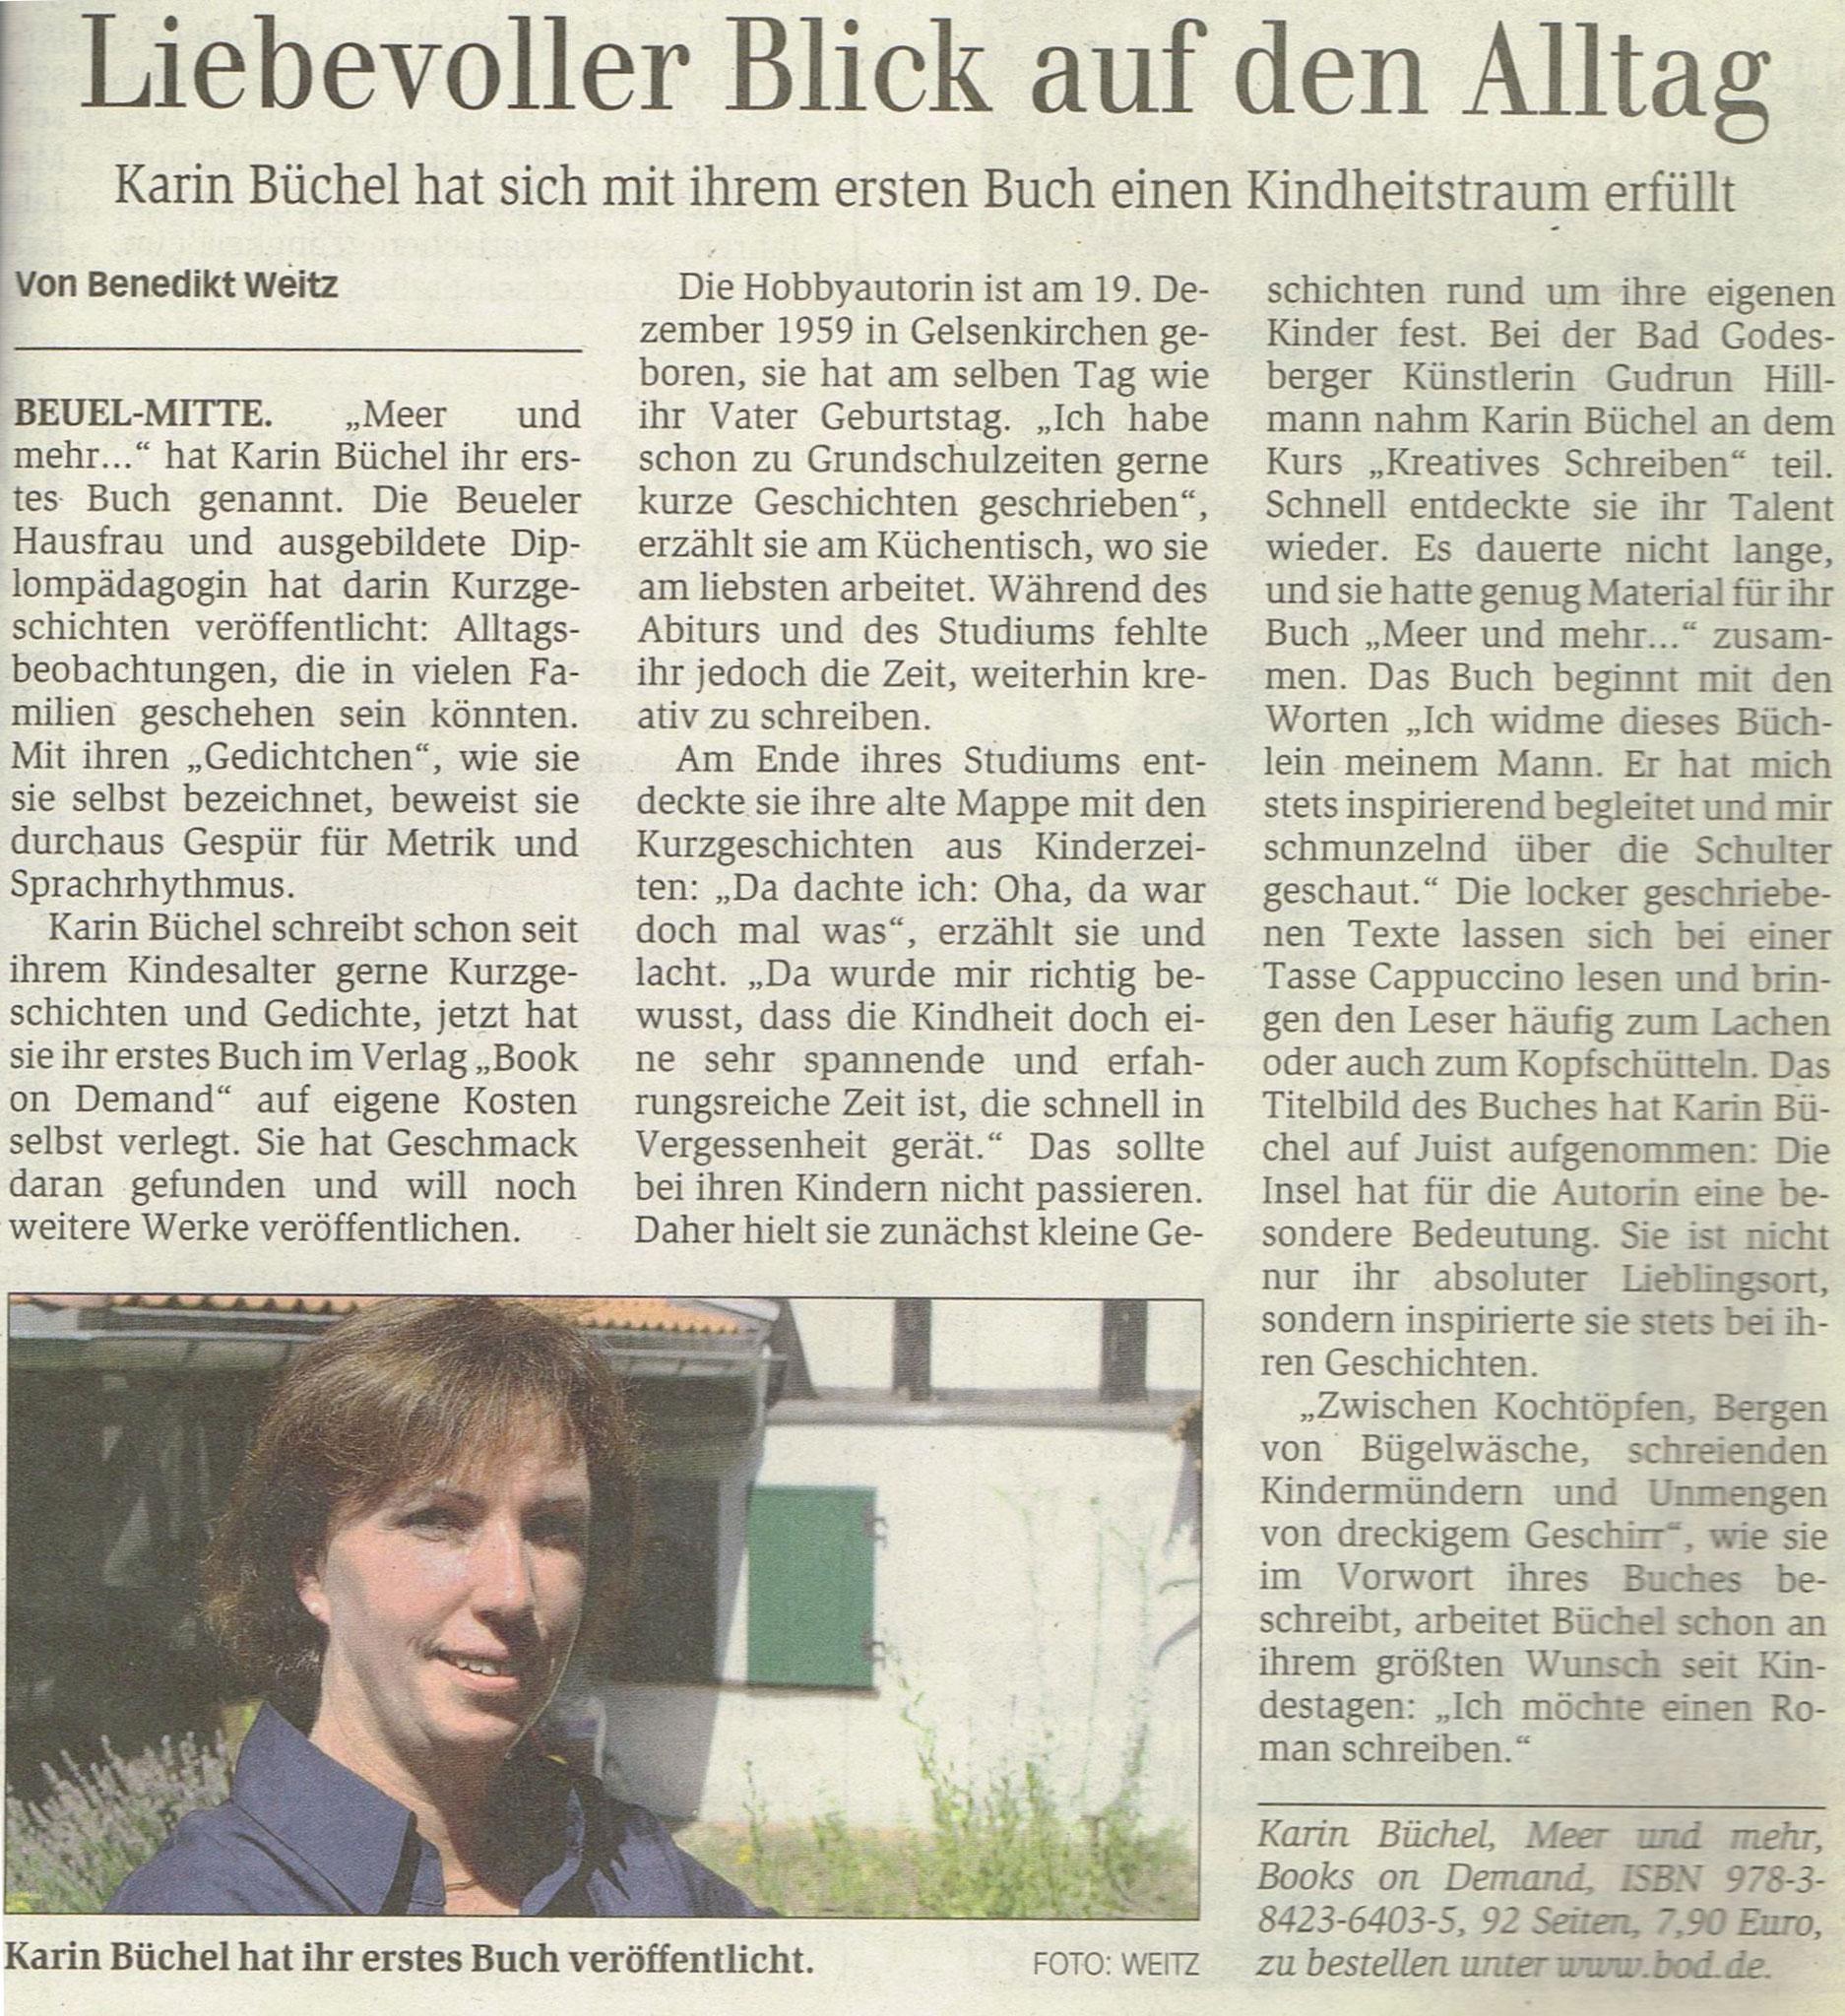 General-Anzeiger, 13. August 2011